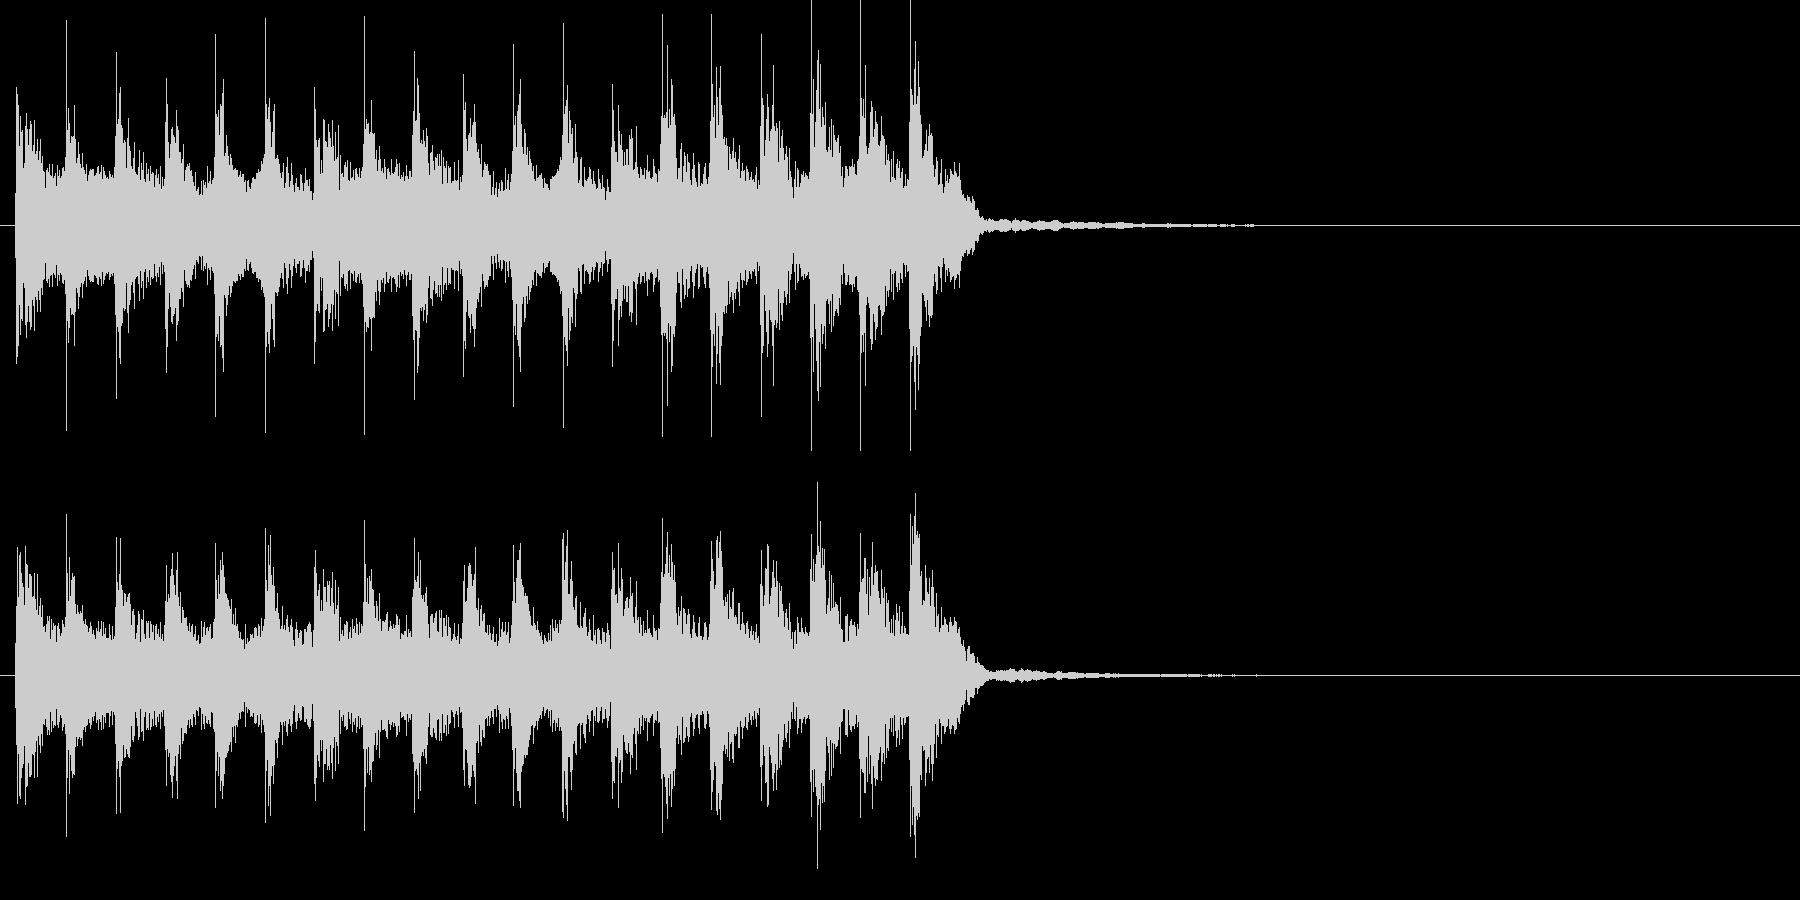 尺八などの和楽器によるほのぼの和風ポップの未再生の波形